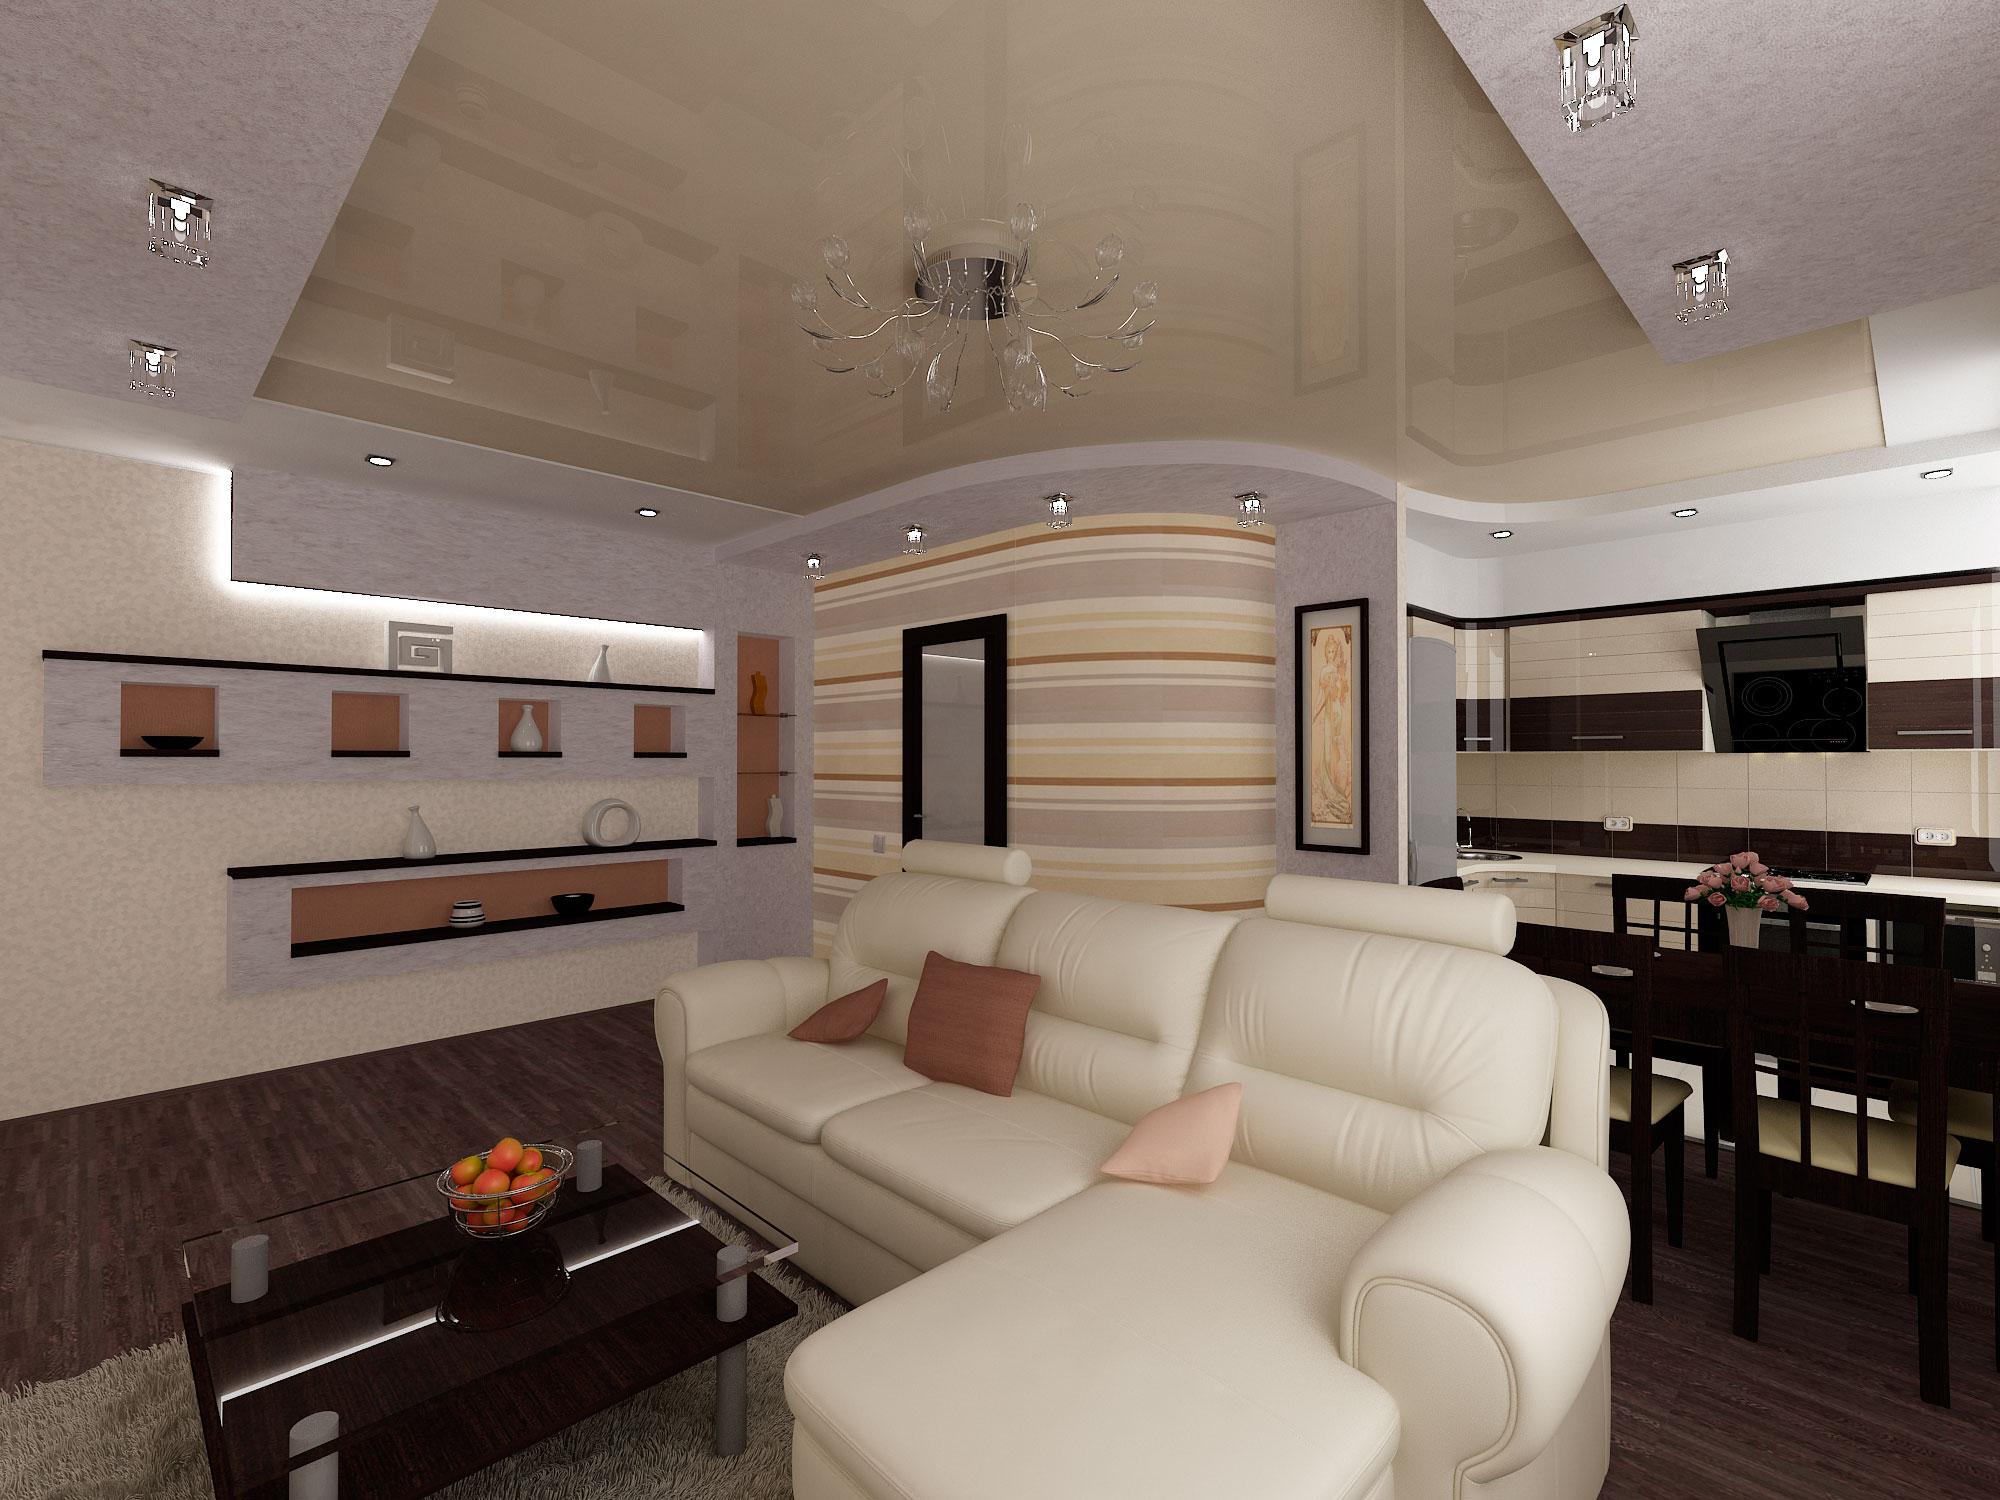 Кухня гостиная 24 метра планировка и дизайн